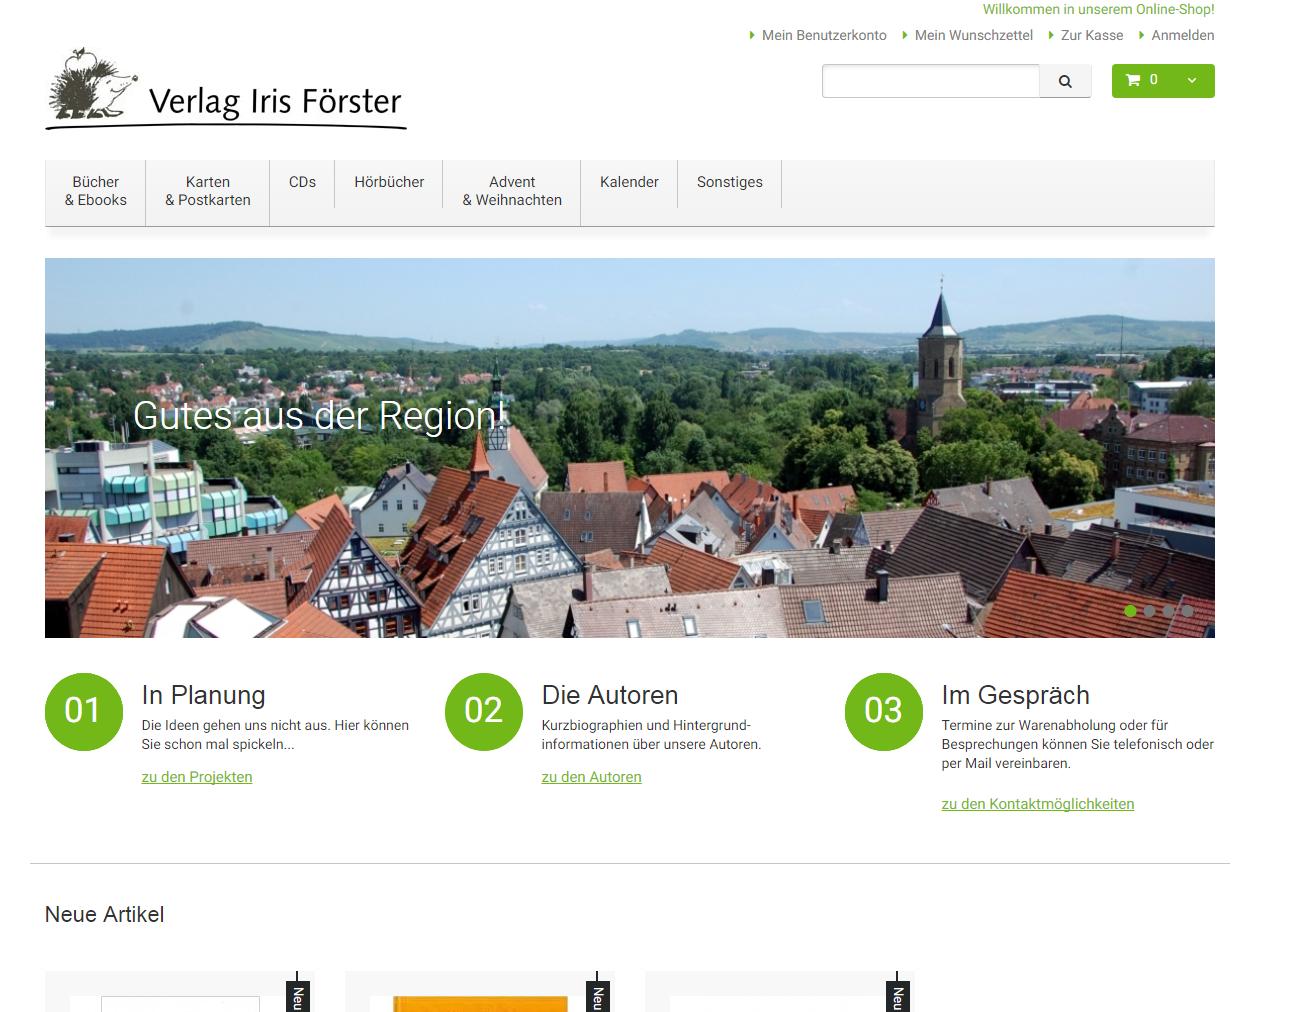 Verlag-Iris-Förster-regionaler-Verlag-aus-Waiblingen